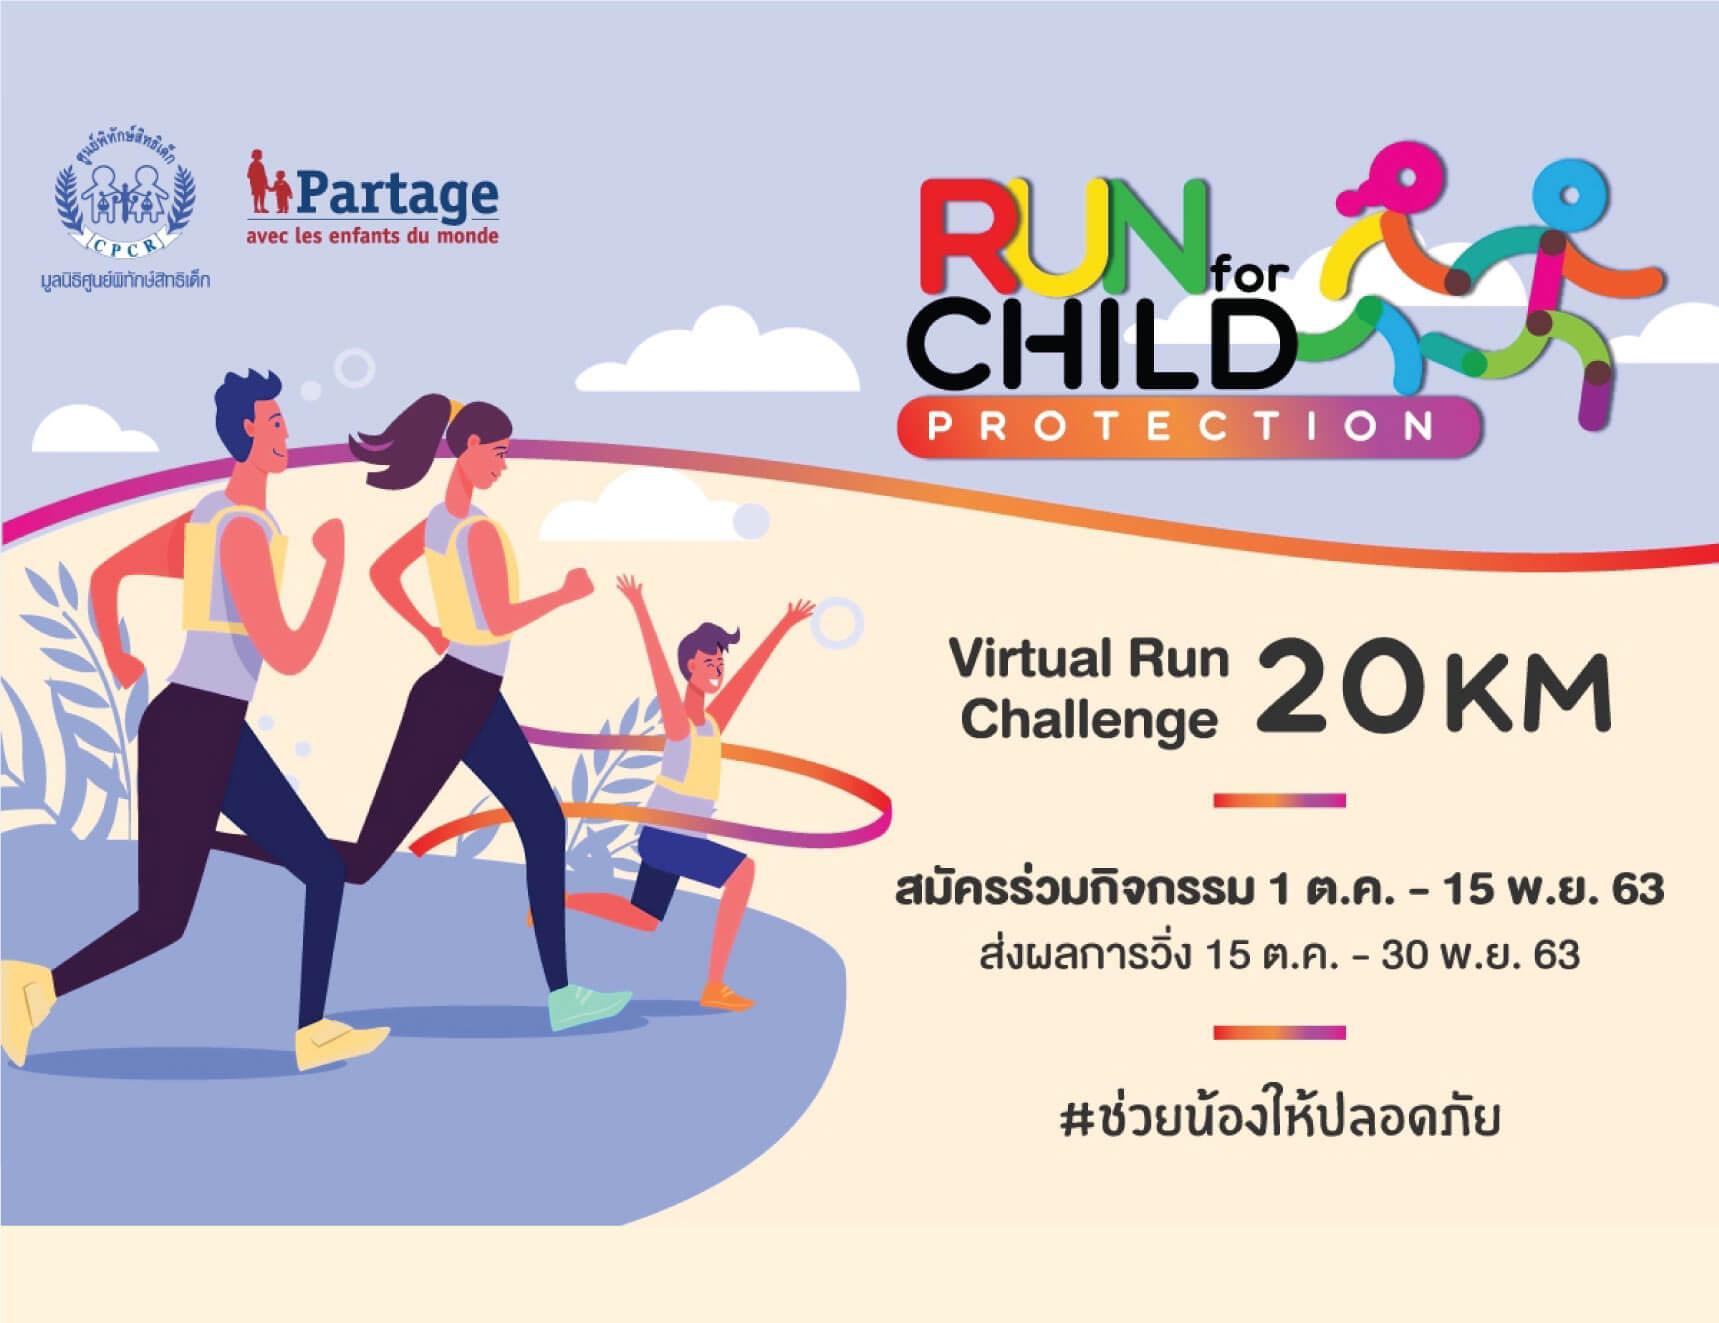 Virtual Run วิ่งรณรงค์ยุติความรุนแรงต่อเด็ก